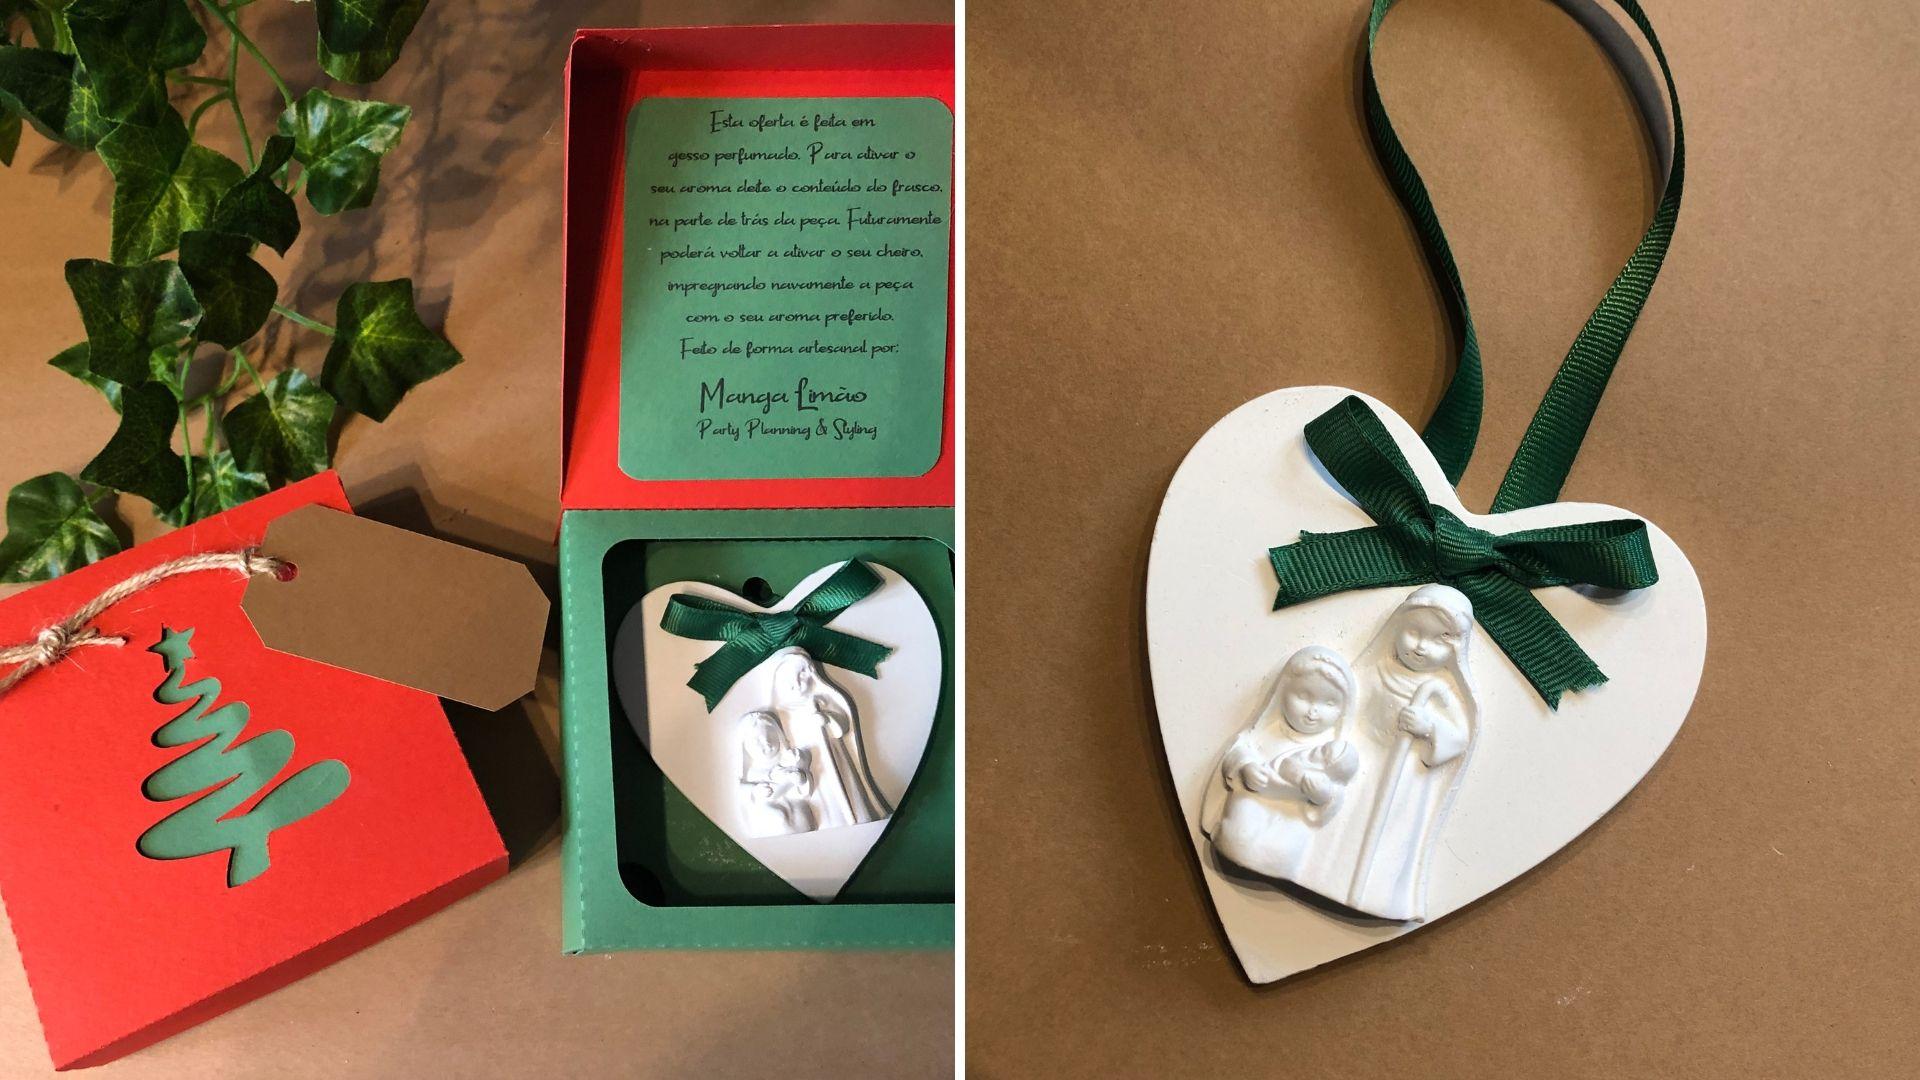 Coração com Presépio em gesso perfumado